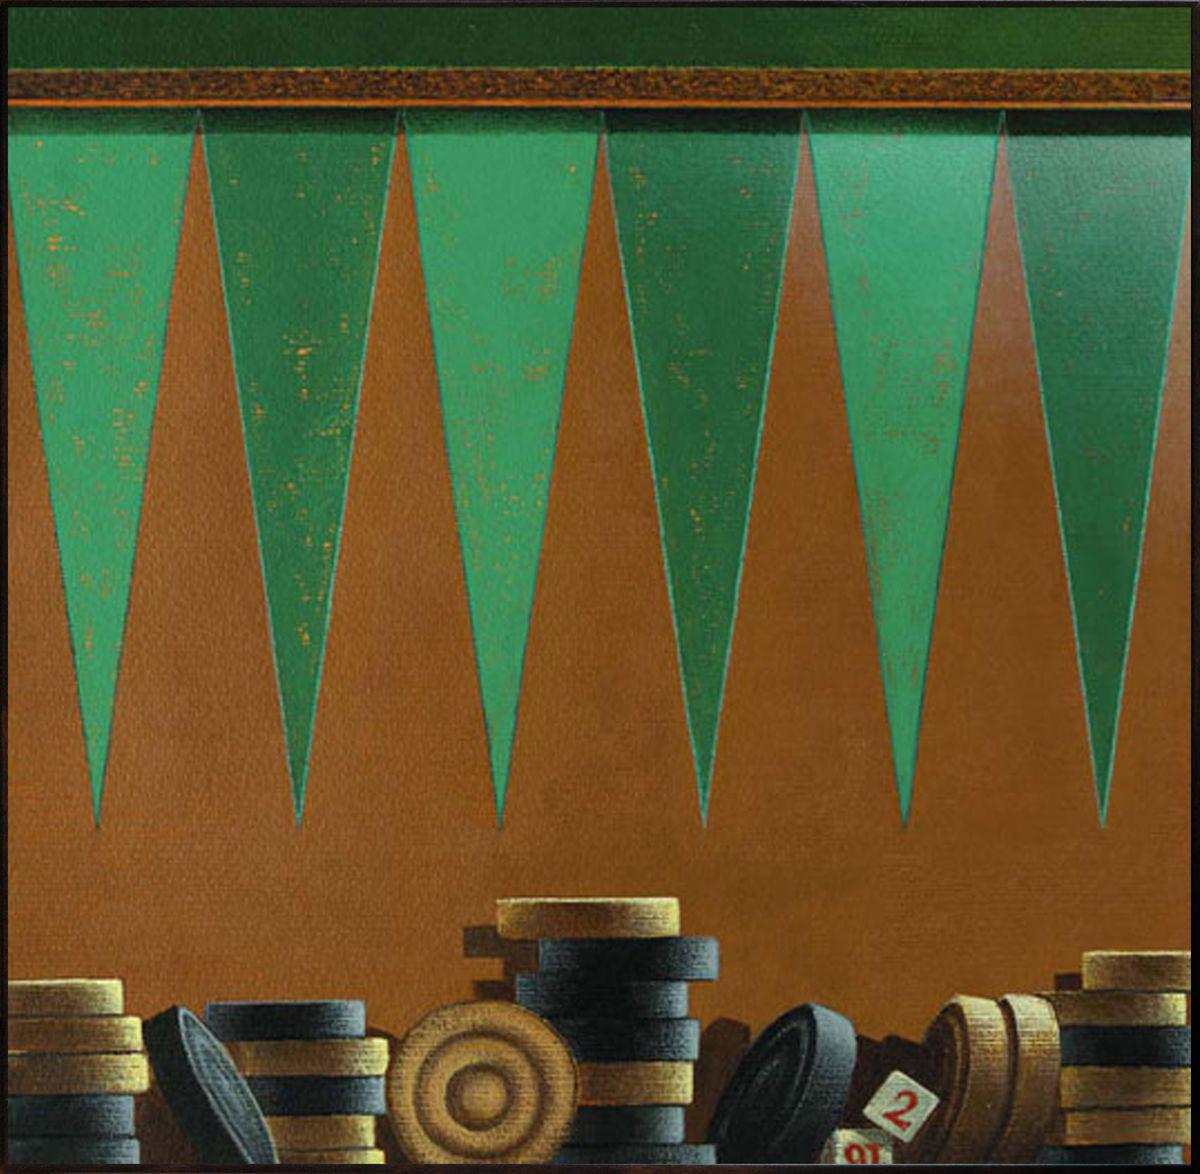 Декобокс СолоДомДекор Шашки, 50 х 50 смMC-49Декобокс СолоДомДекор Шашки выполнен из бумаги, рама - из МДФ. Современные технологии, уникальное оборудование и цифровая печать, используемые в производстве, делают постер устойчивым к выцветанию и обеспечивают исключительное качество произведений. Благодаря наличию необходимых креплений в комплекте установка не займет много времени. Декобокс - это прекрасная возможность создать яркий акцент при оформлении любого помещения. Картина обязательно привлечет внимание и подарит немало приятных впечатлений своим обладателям. Правила ухода: можно протирать сухой, мягкой тканью.